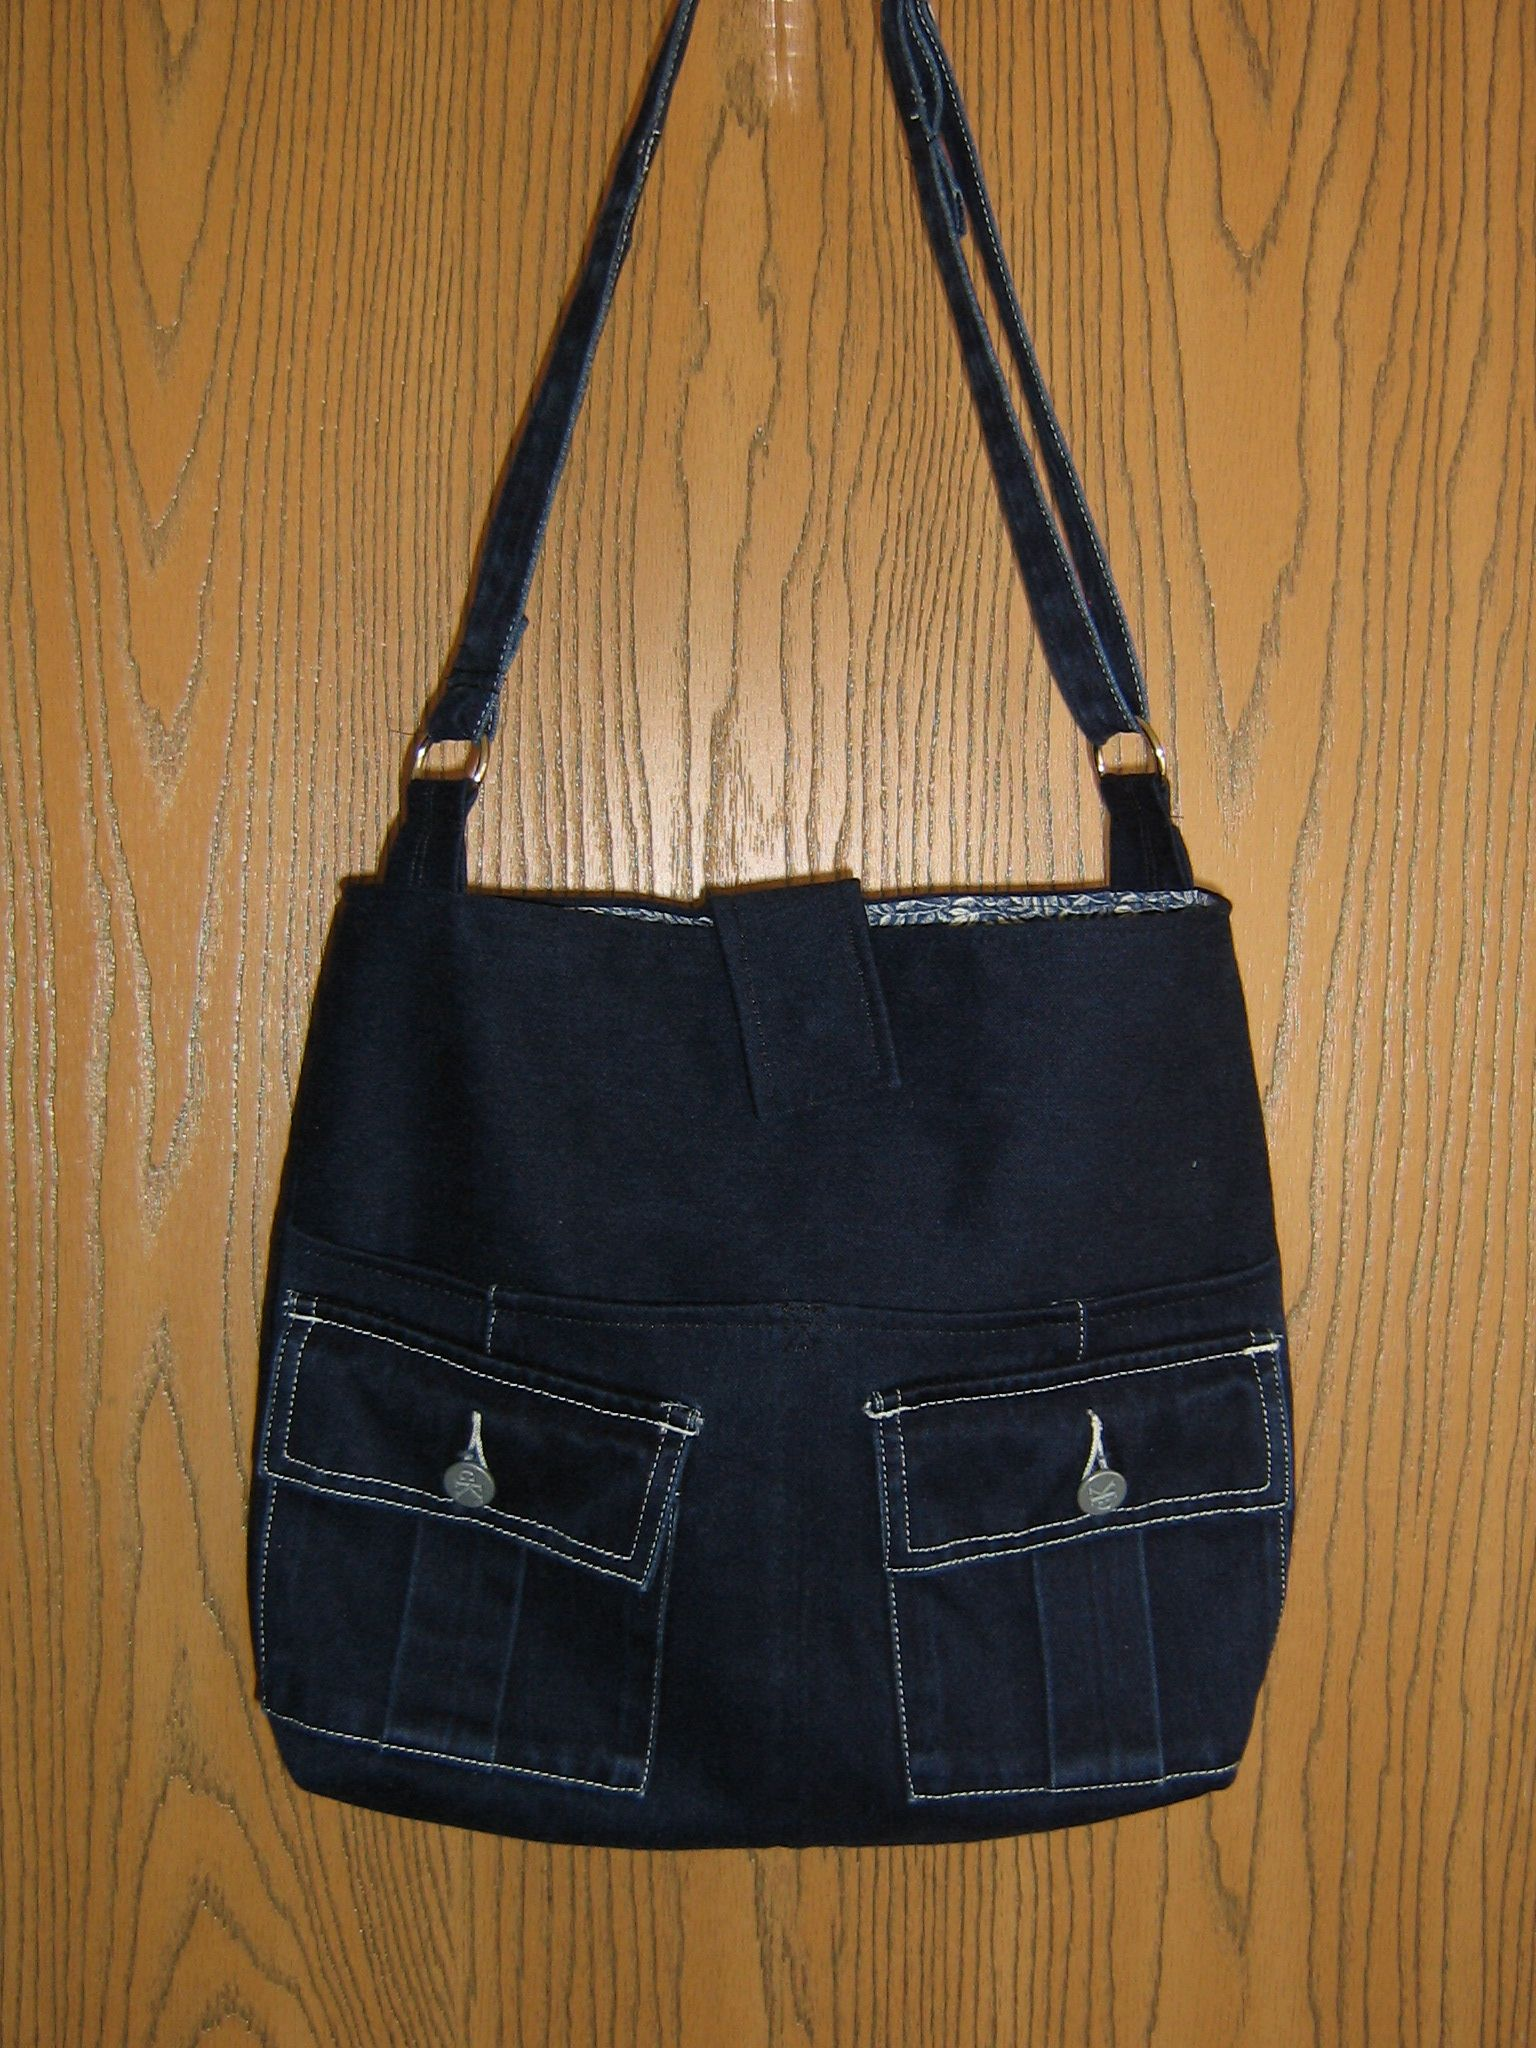 Repurposed Denim Skirt Bag